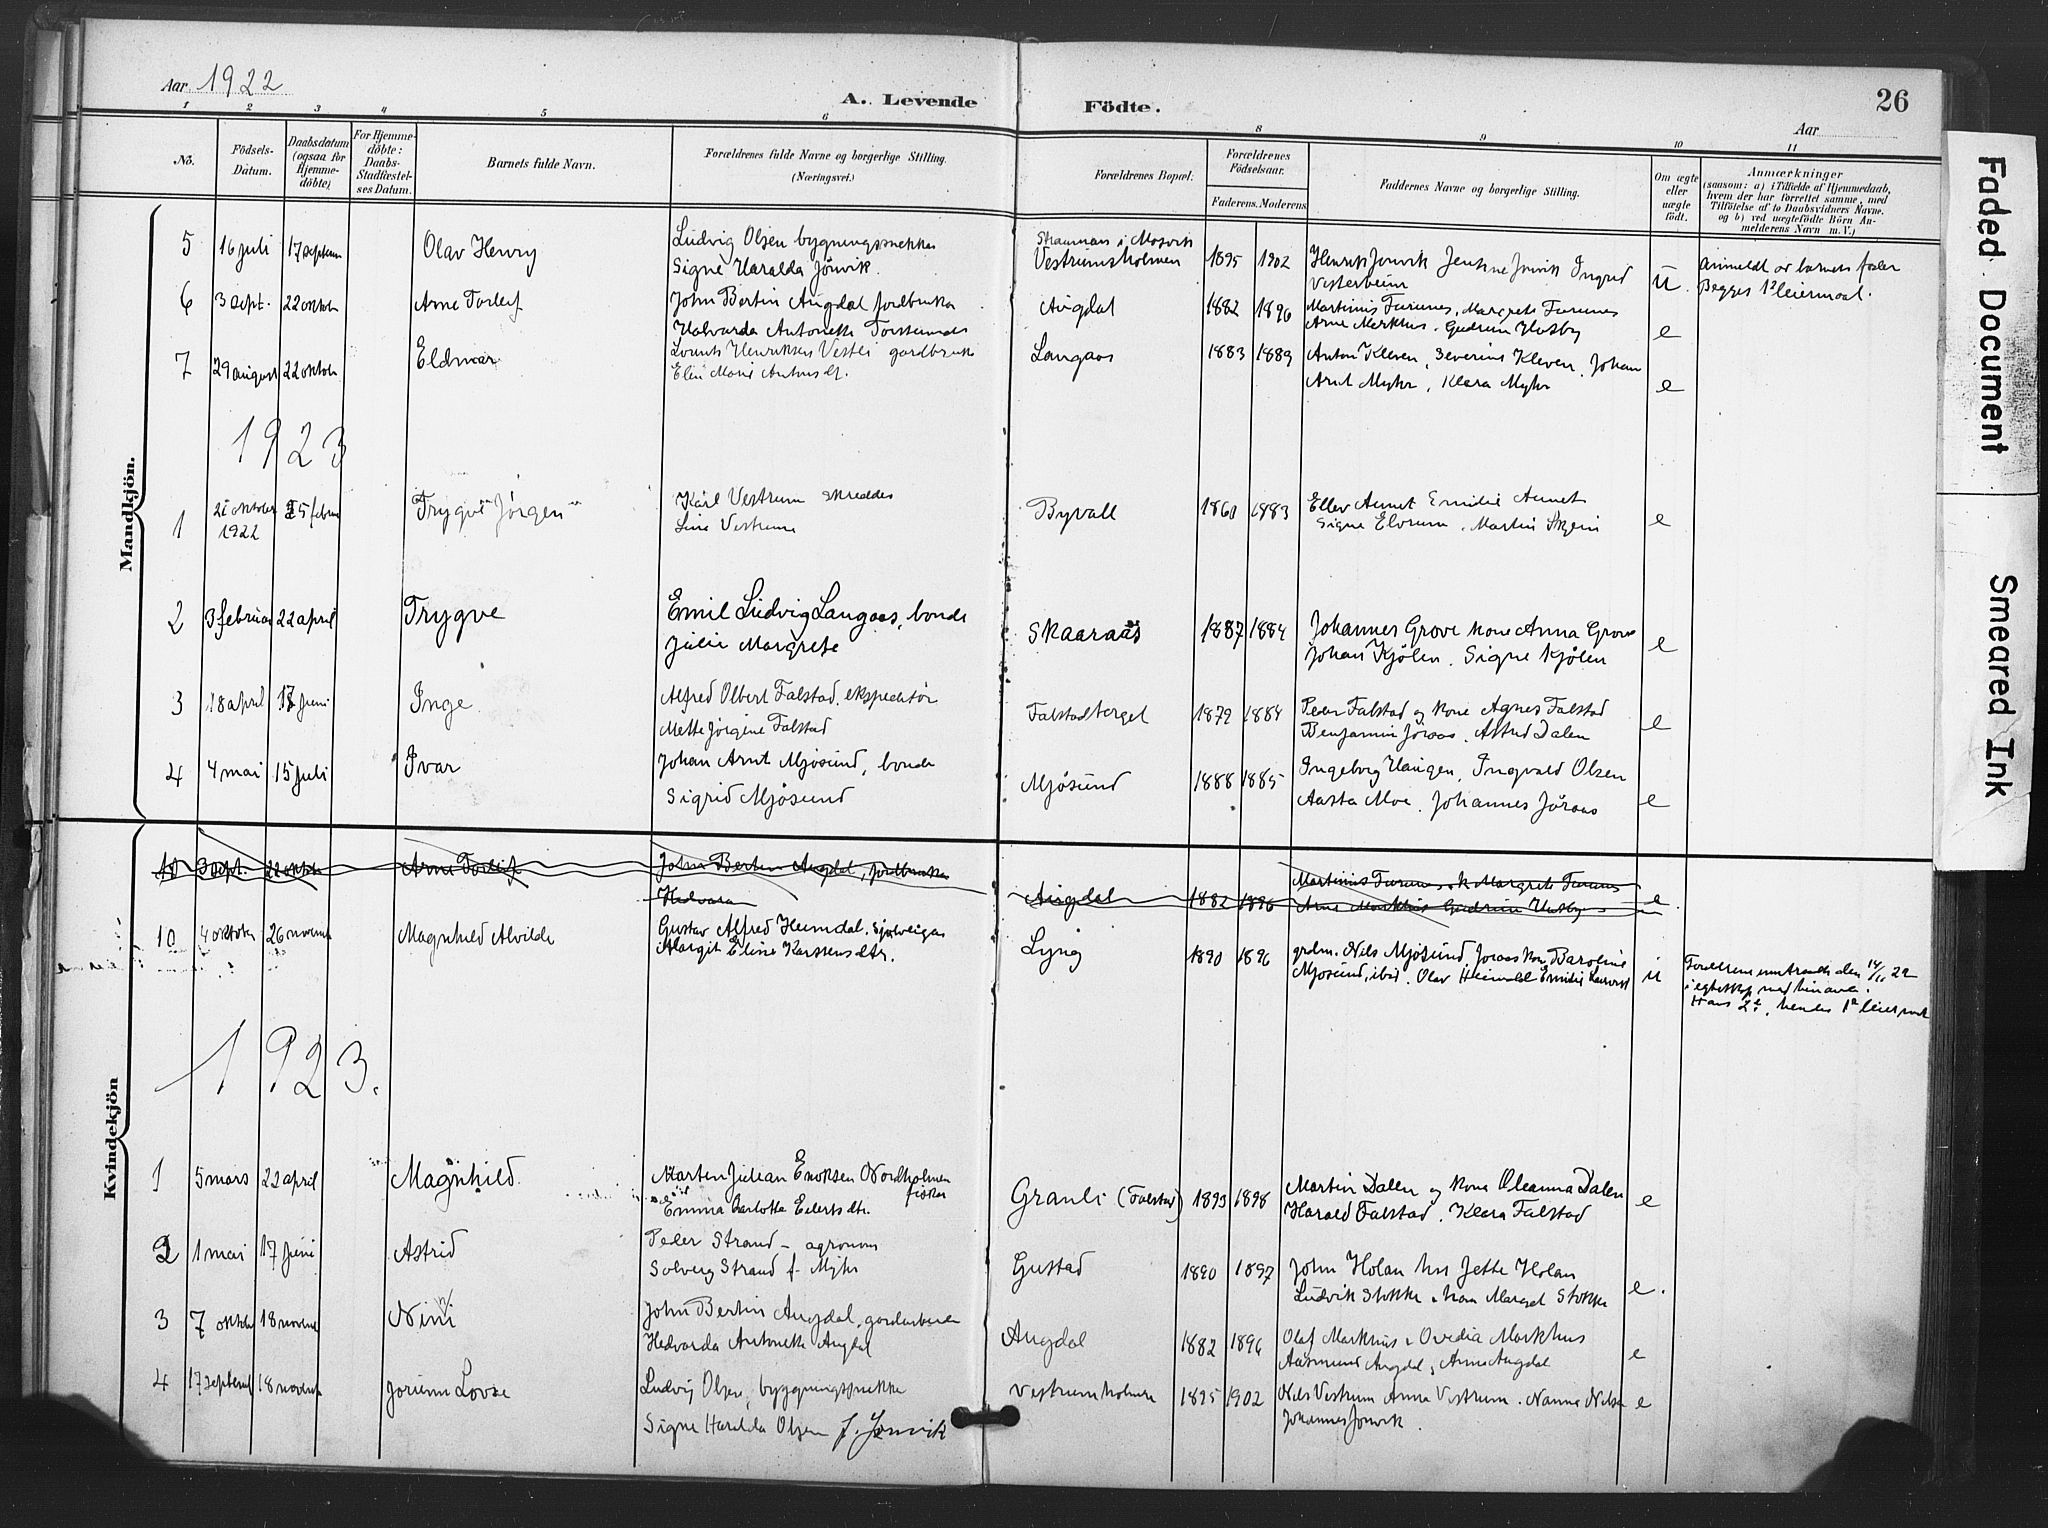 SAT, Ministerialprotokoller, klokkerbøker og fødselsregistre - Nord-Trøndelag, 719/L0179: Ministerialbok nr. 719A02, 1901-1923, s. 26